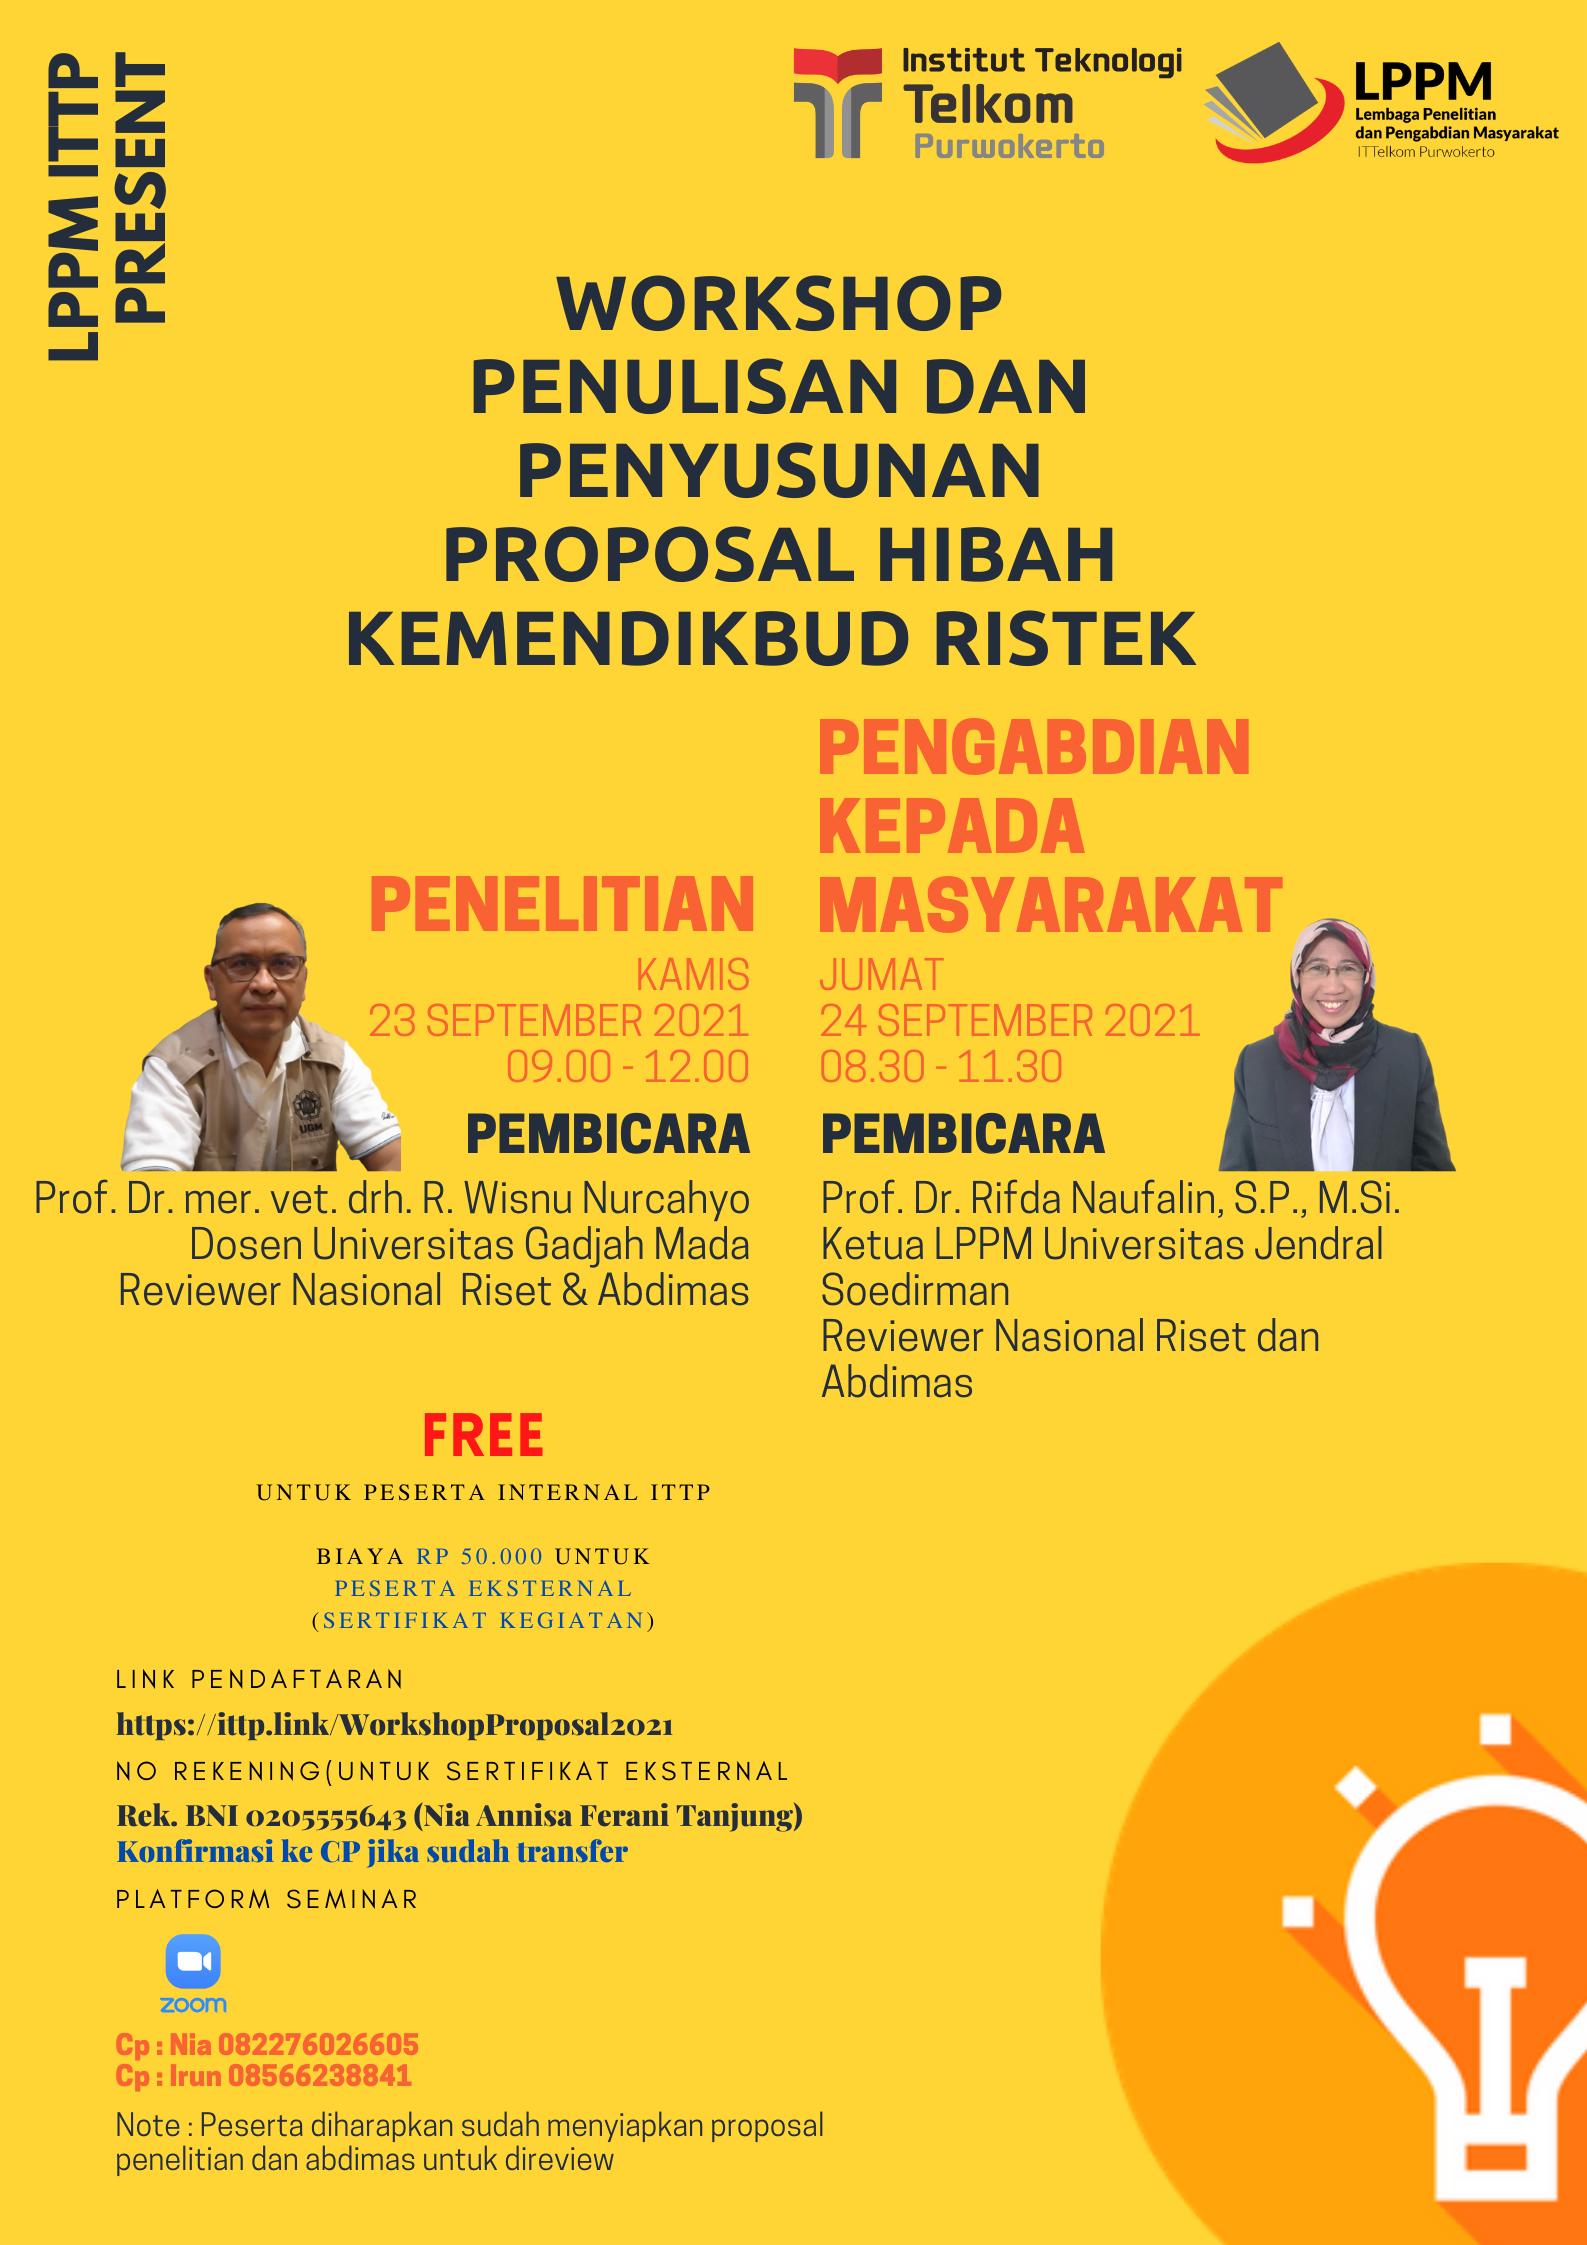 Workshop Penulisan Proposal Penelitian dan Pengabdian kepada Masyarakat Hibah Kemendikbud Ristek